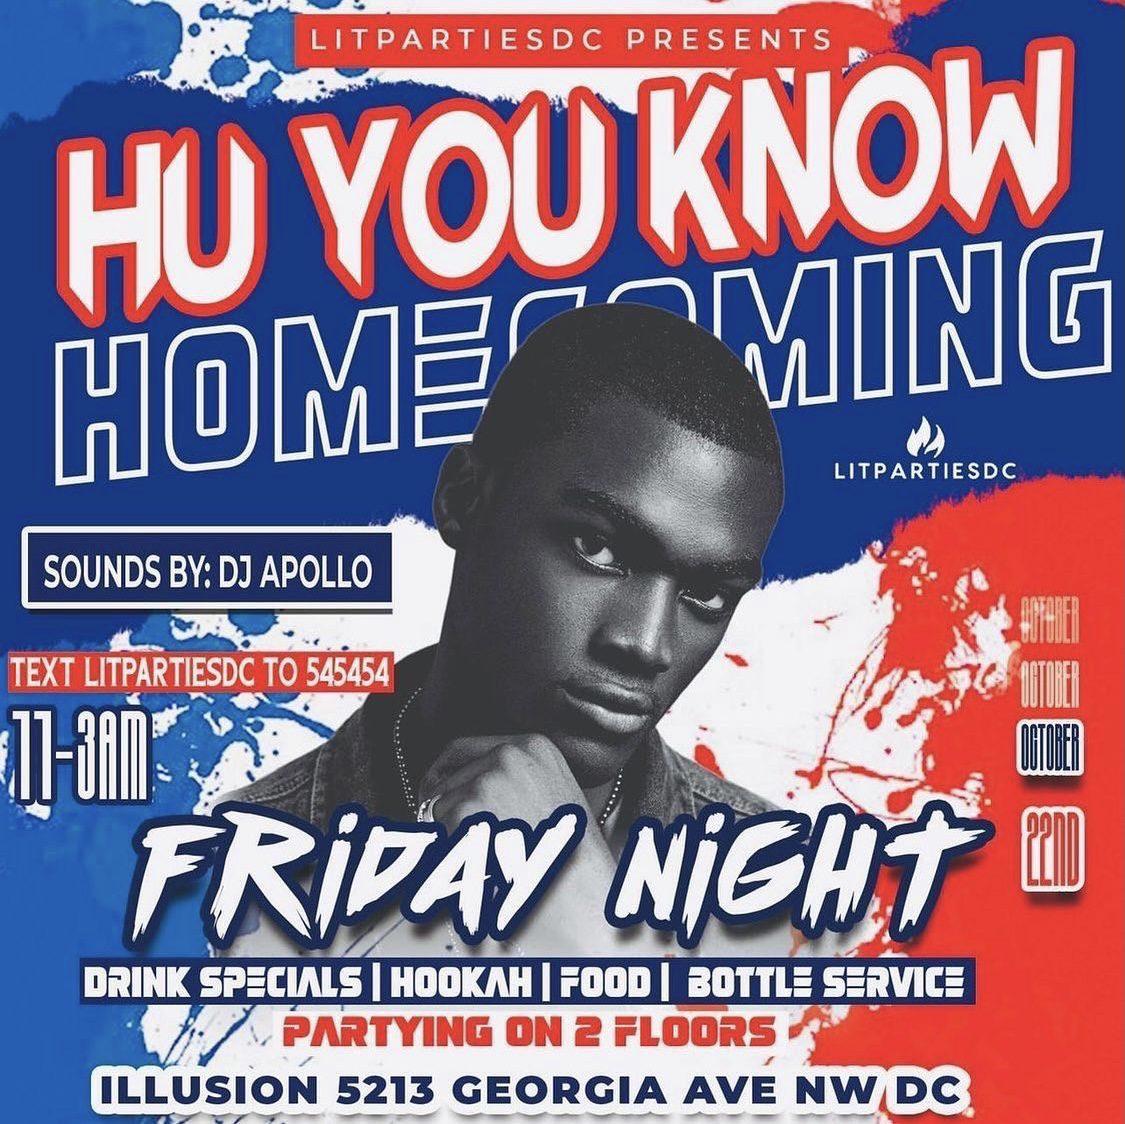 Hu You Know Homecoming